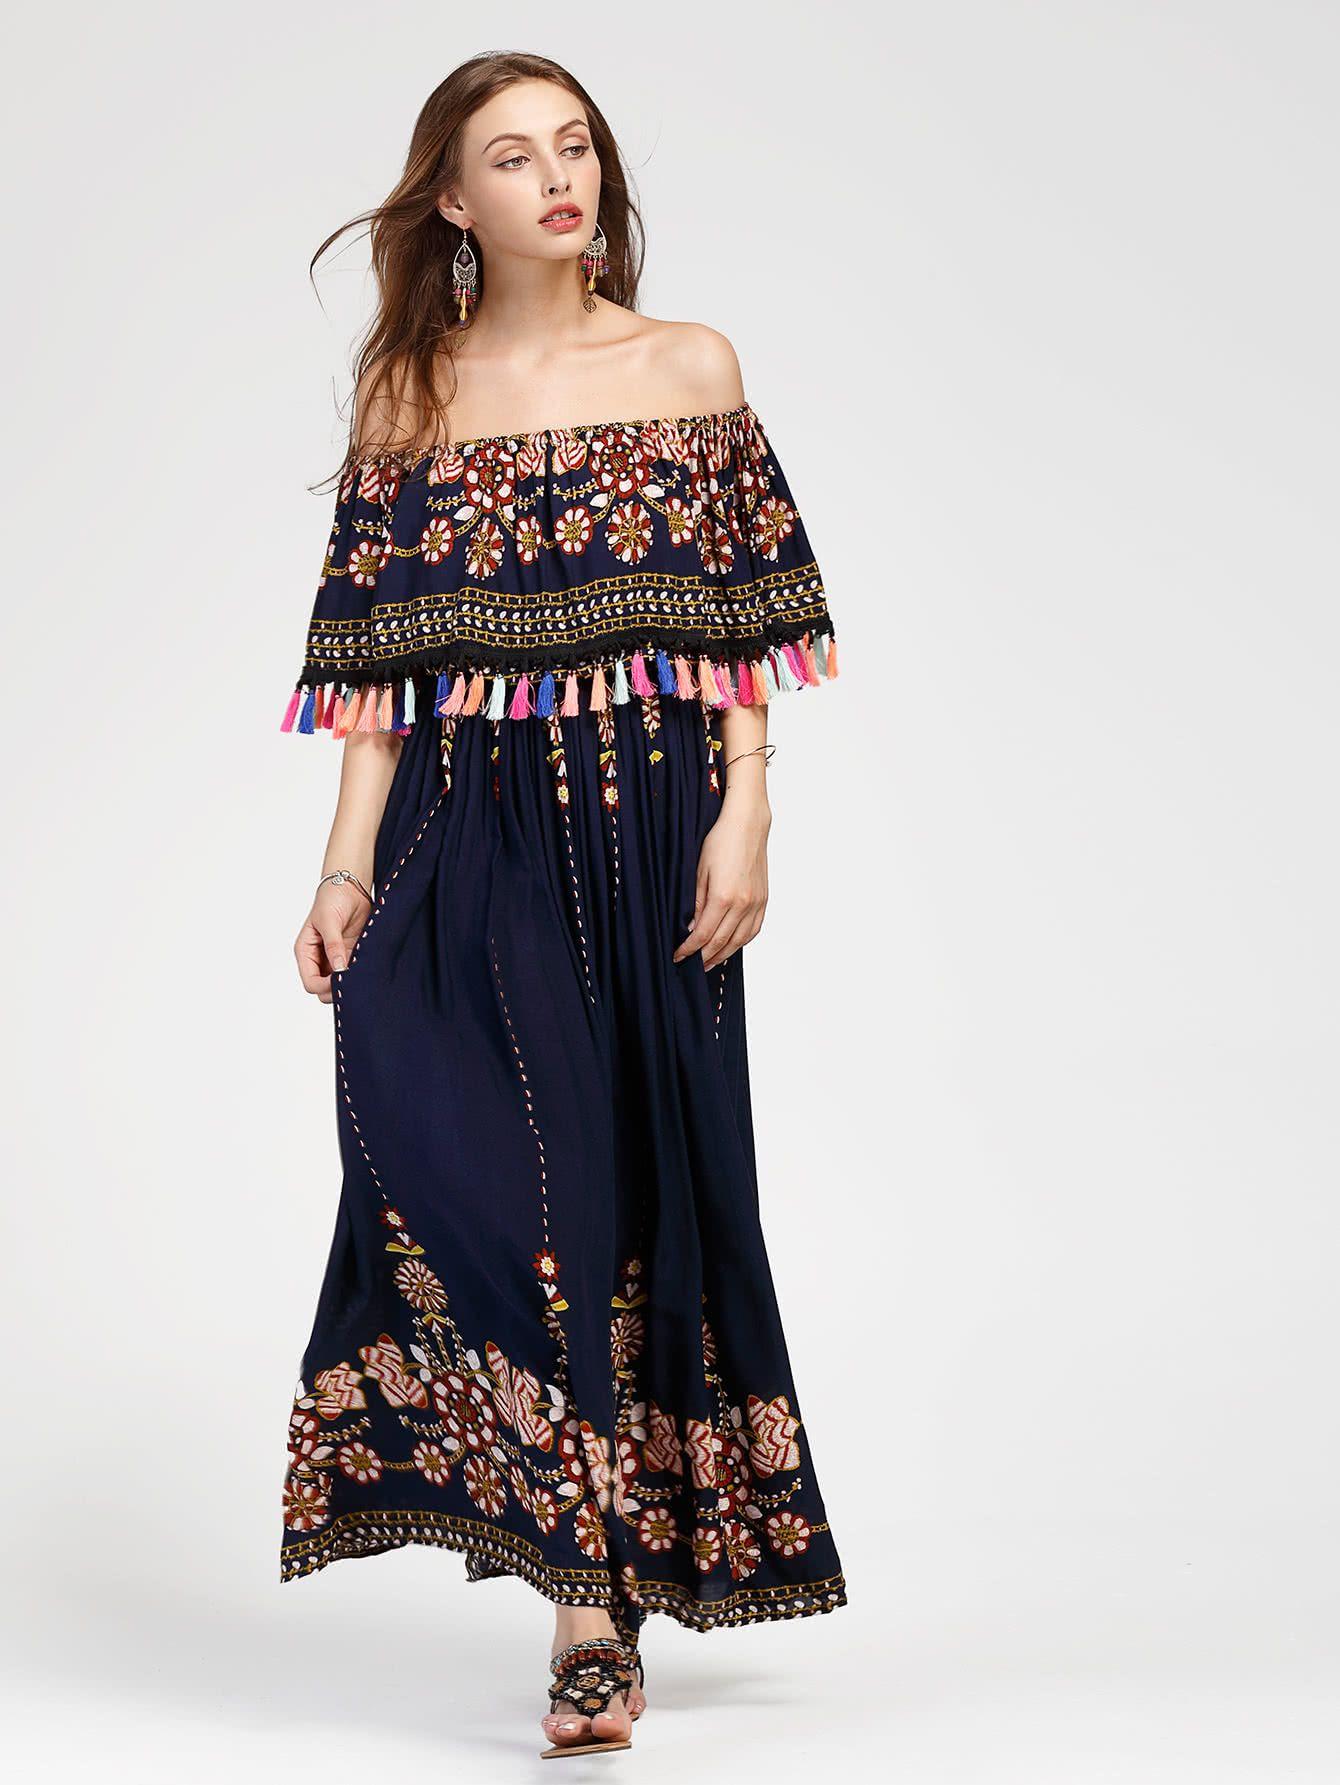 Kleid mit geschichtem hals quaste und aztischmuster german shein sheinside fashion - Shein damenmode ...